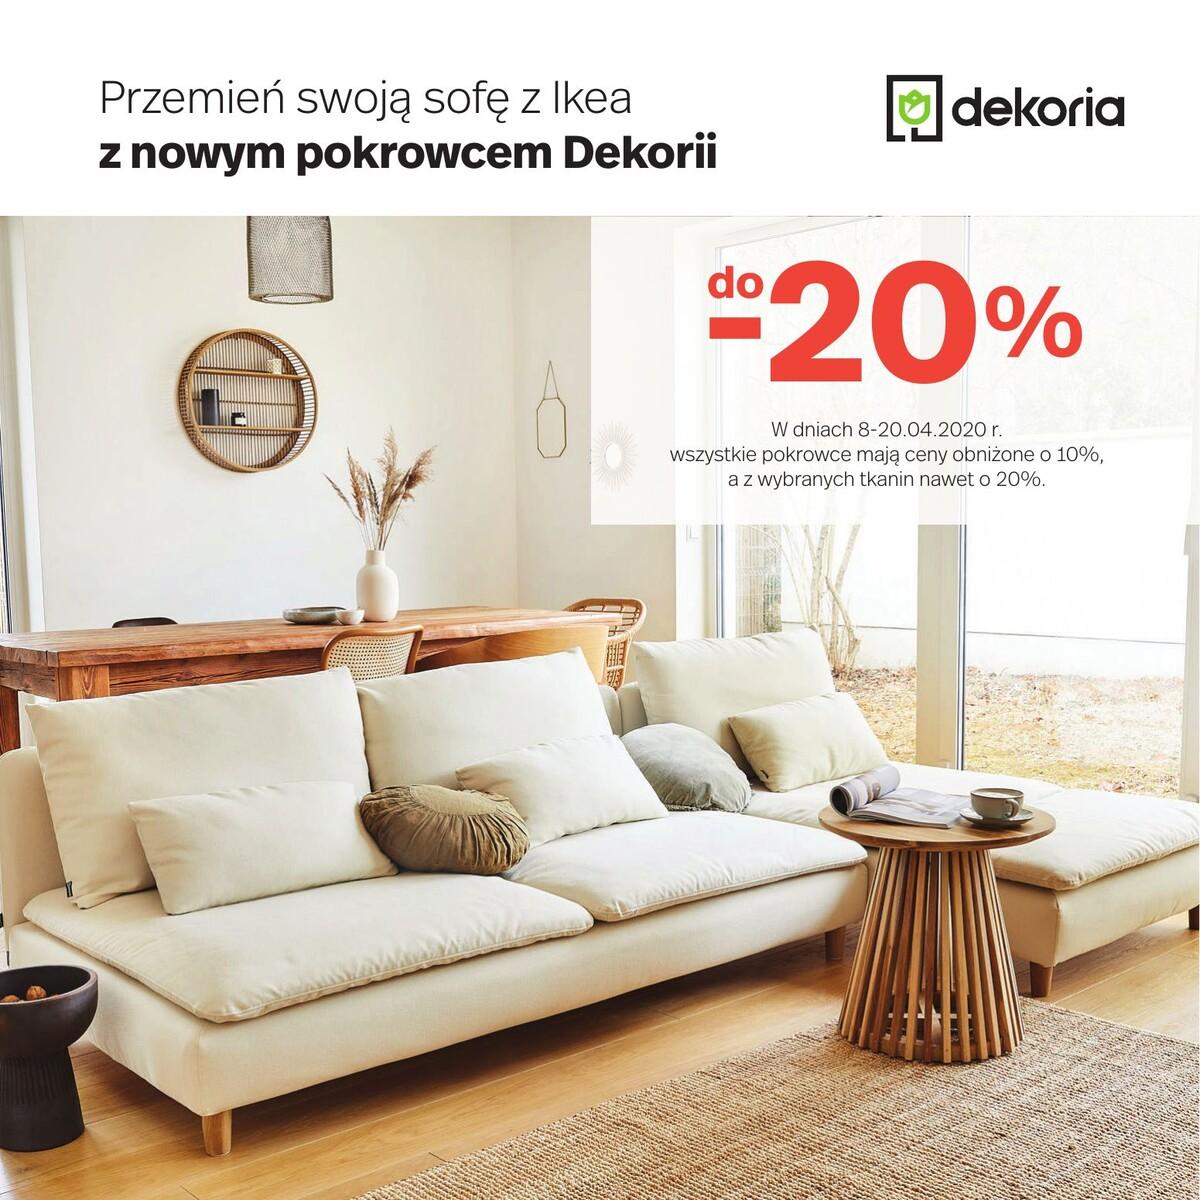 Gazetka dekoria - Pokrowce do -20%